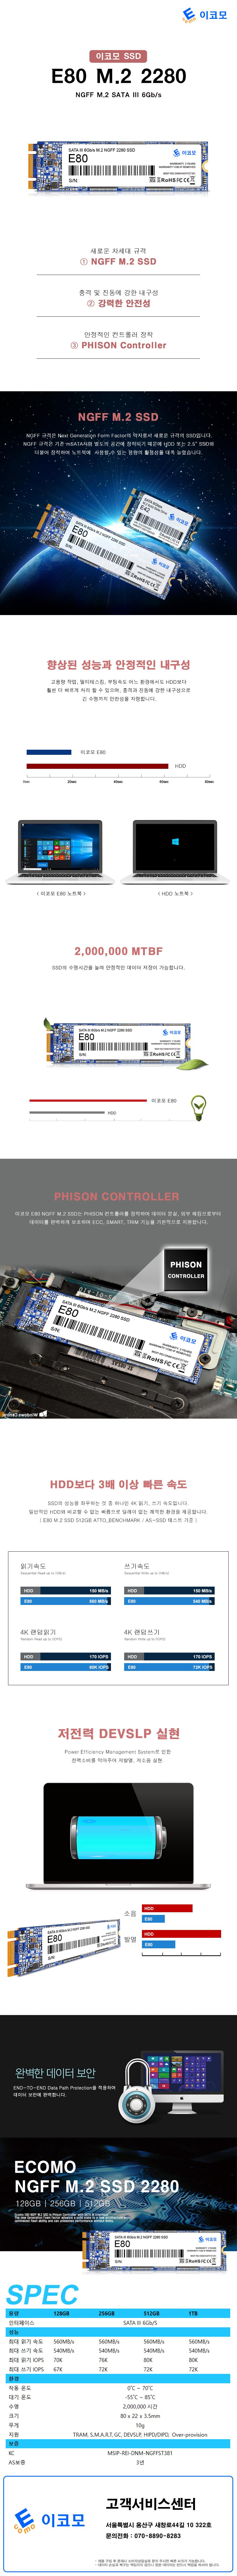 디지탈그리고나 이코모 E80 M.2 2280(1TB)